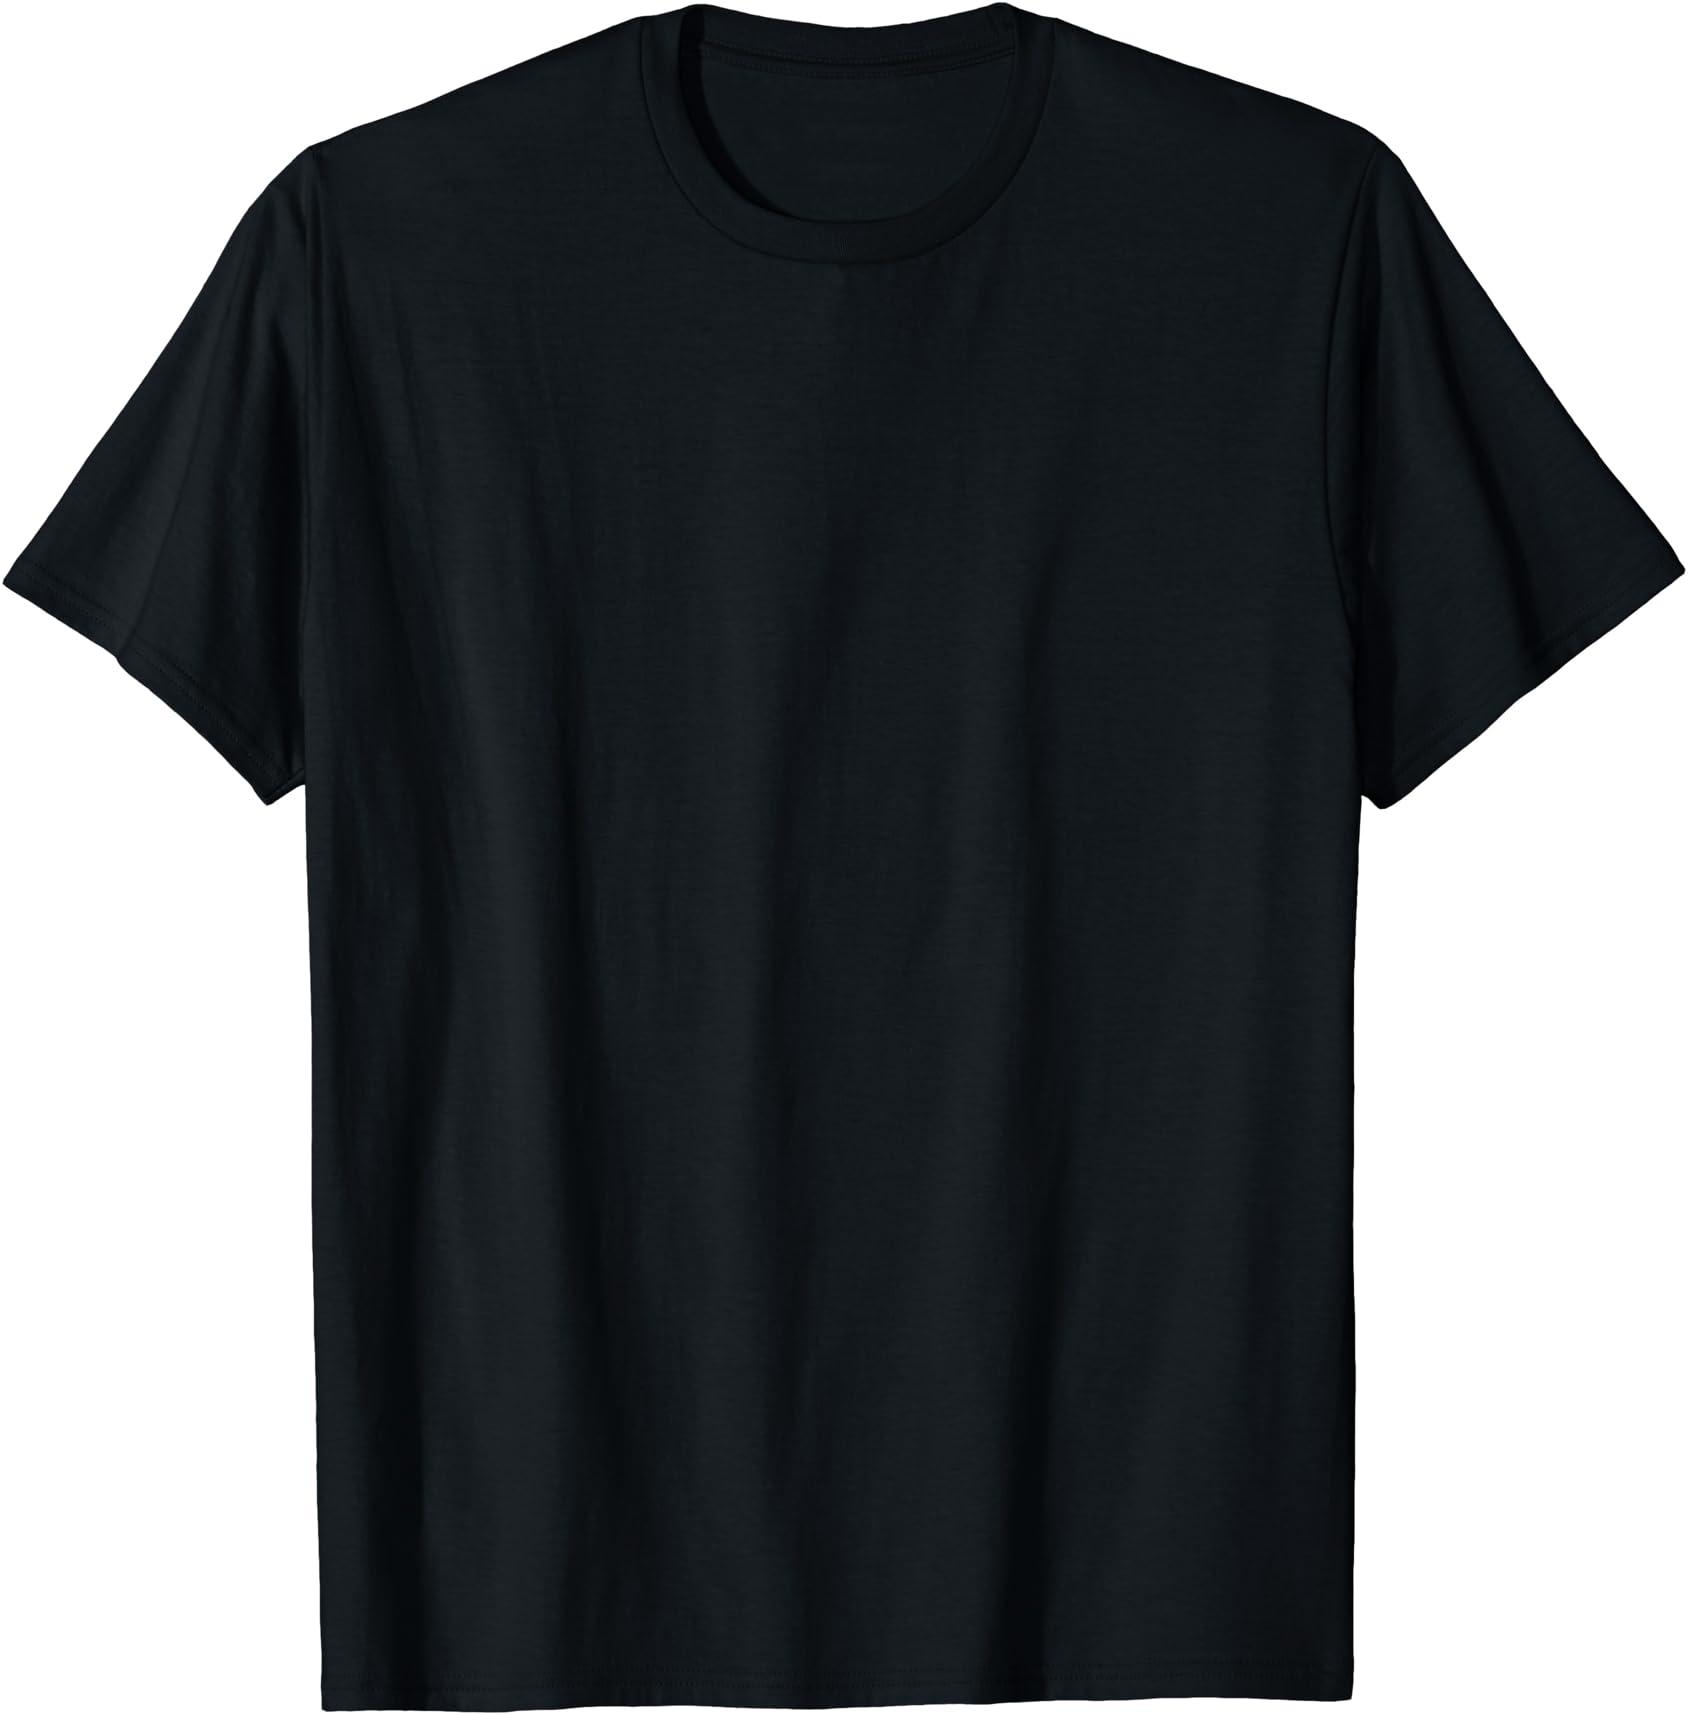 SOHO City T-shirt